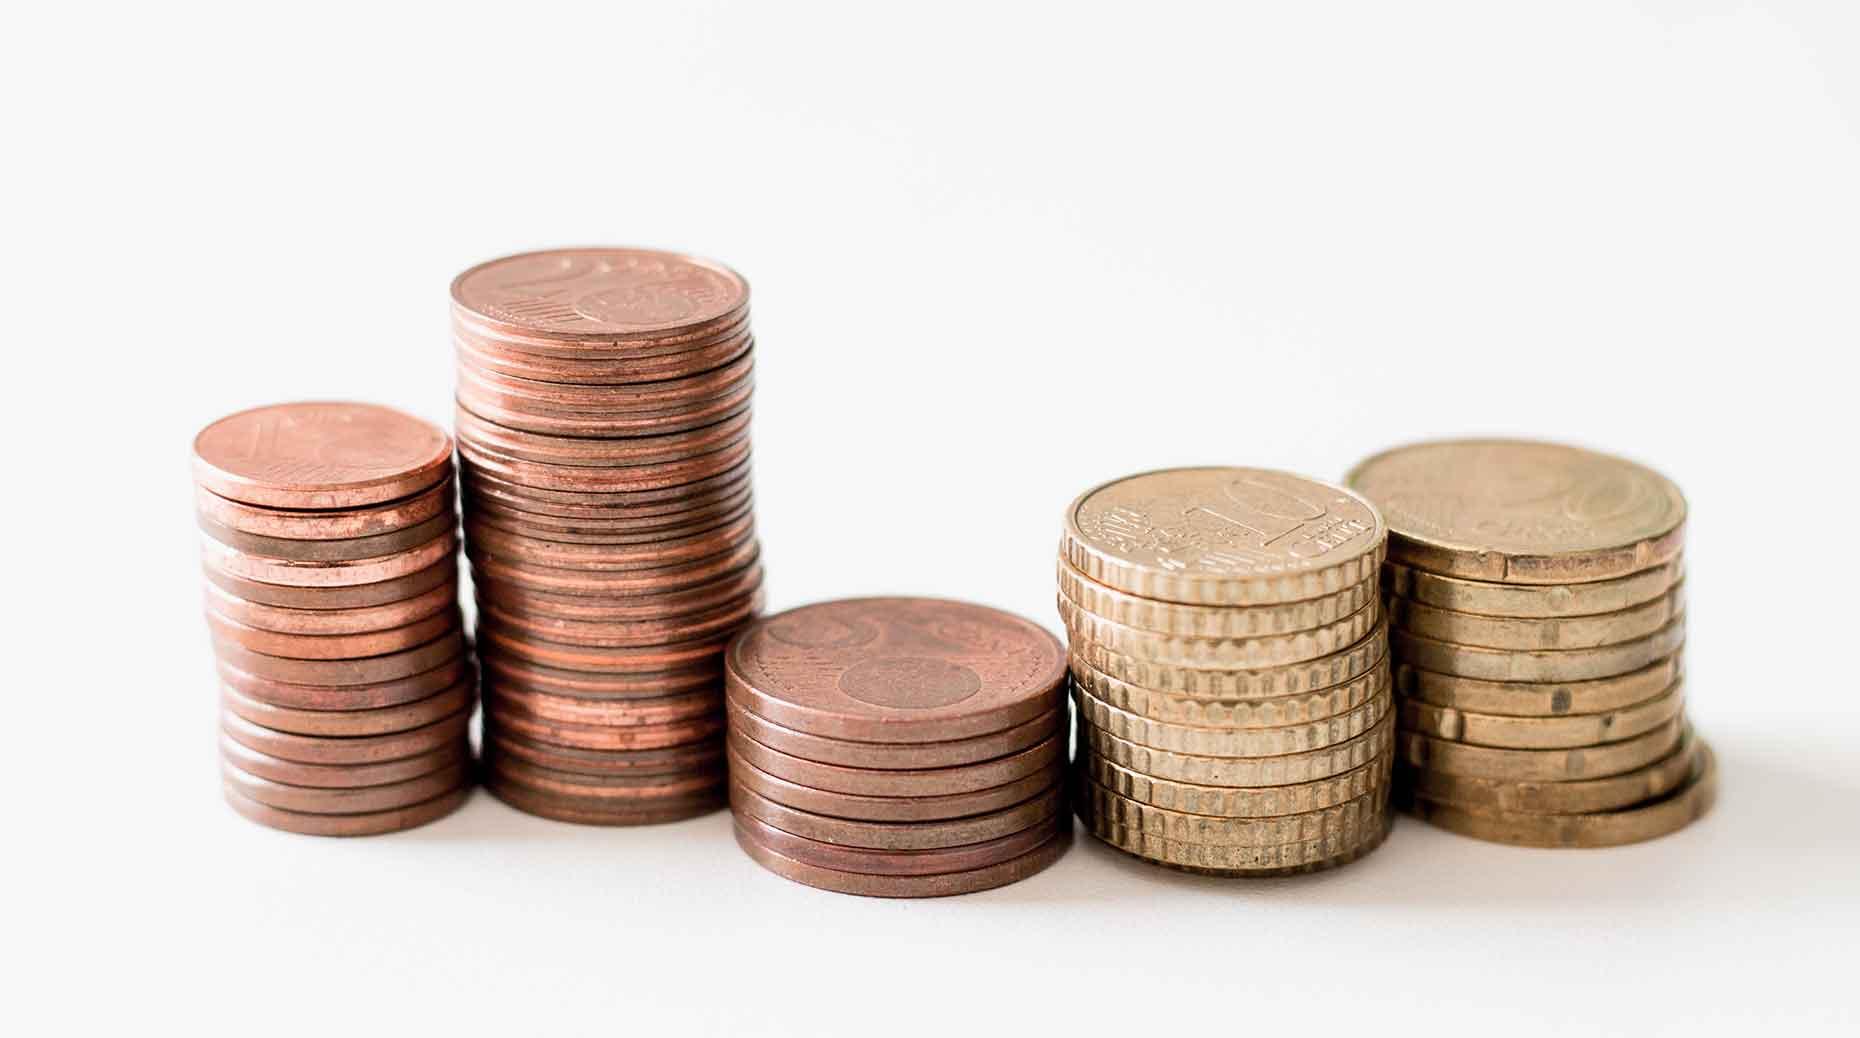 Assurance vie: Décollecte de 6,5Mds d'euros en 2020